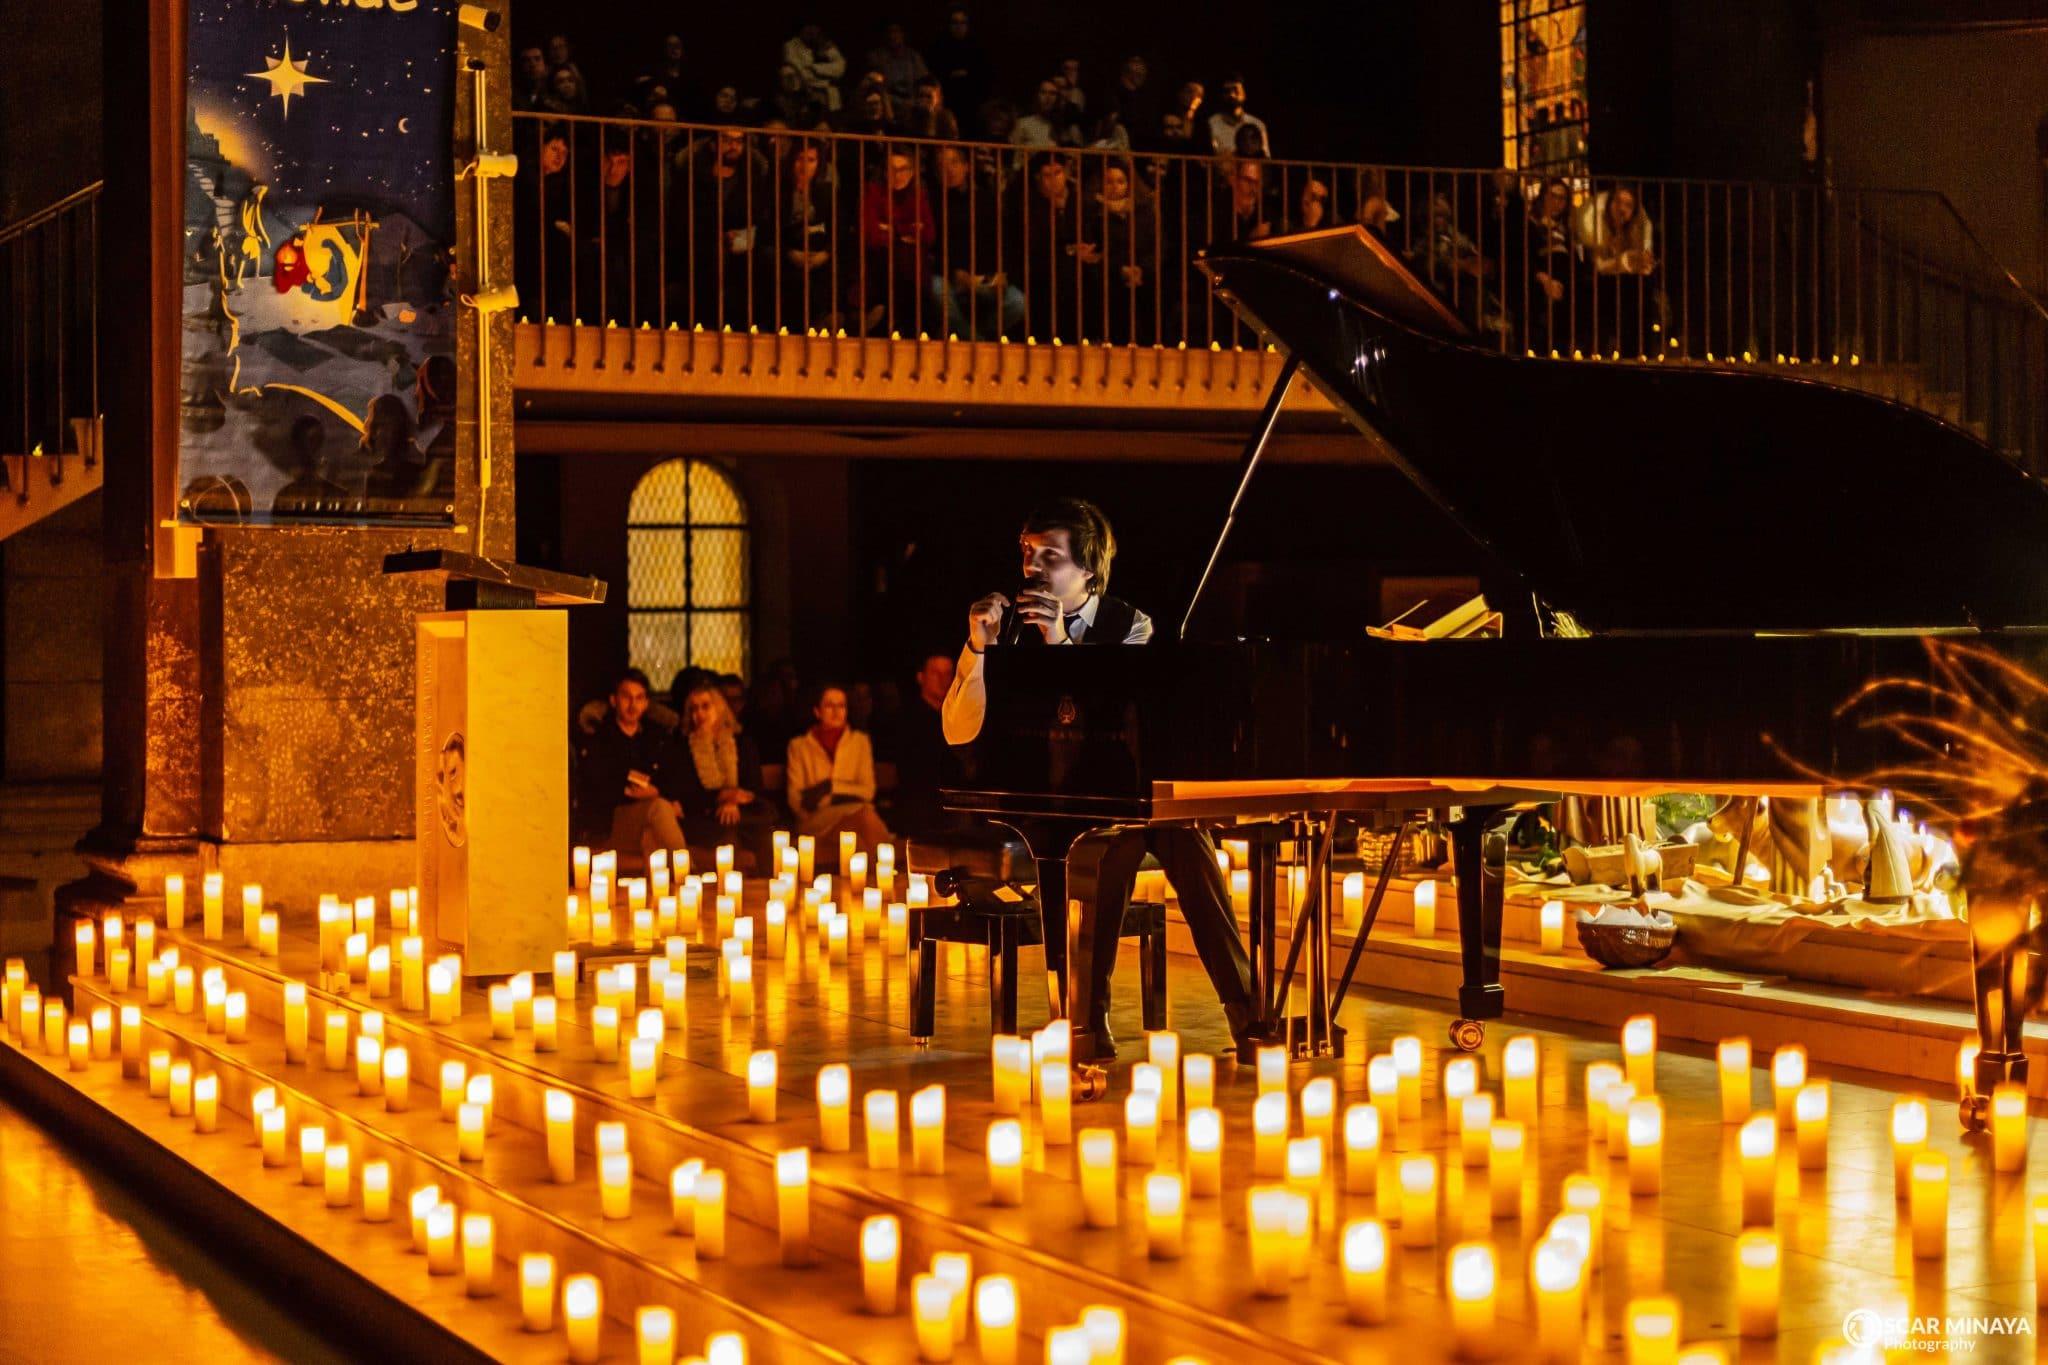 candlelight musique de films paris secret inja concert bougie